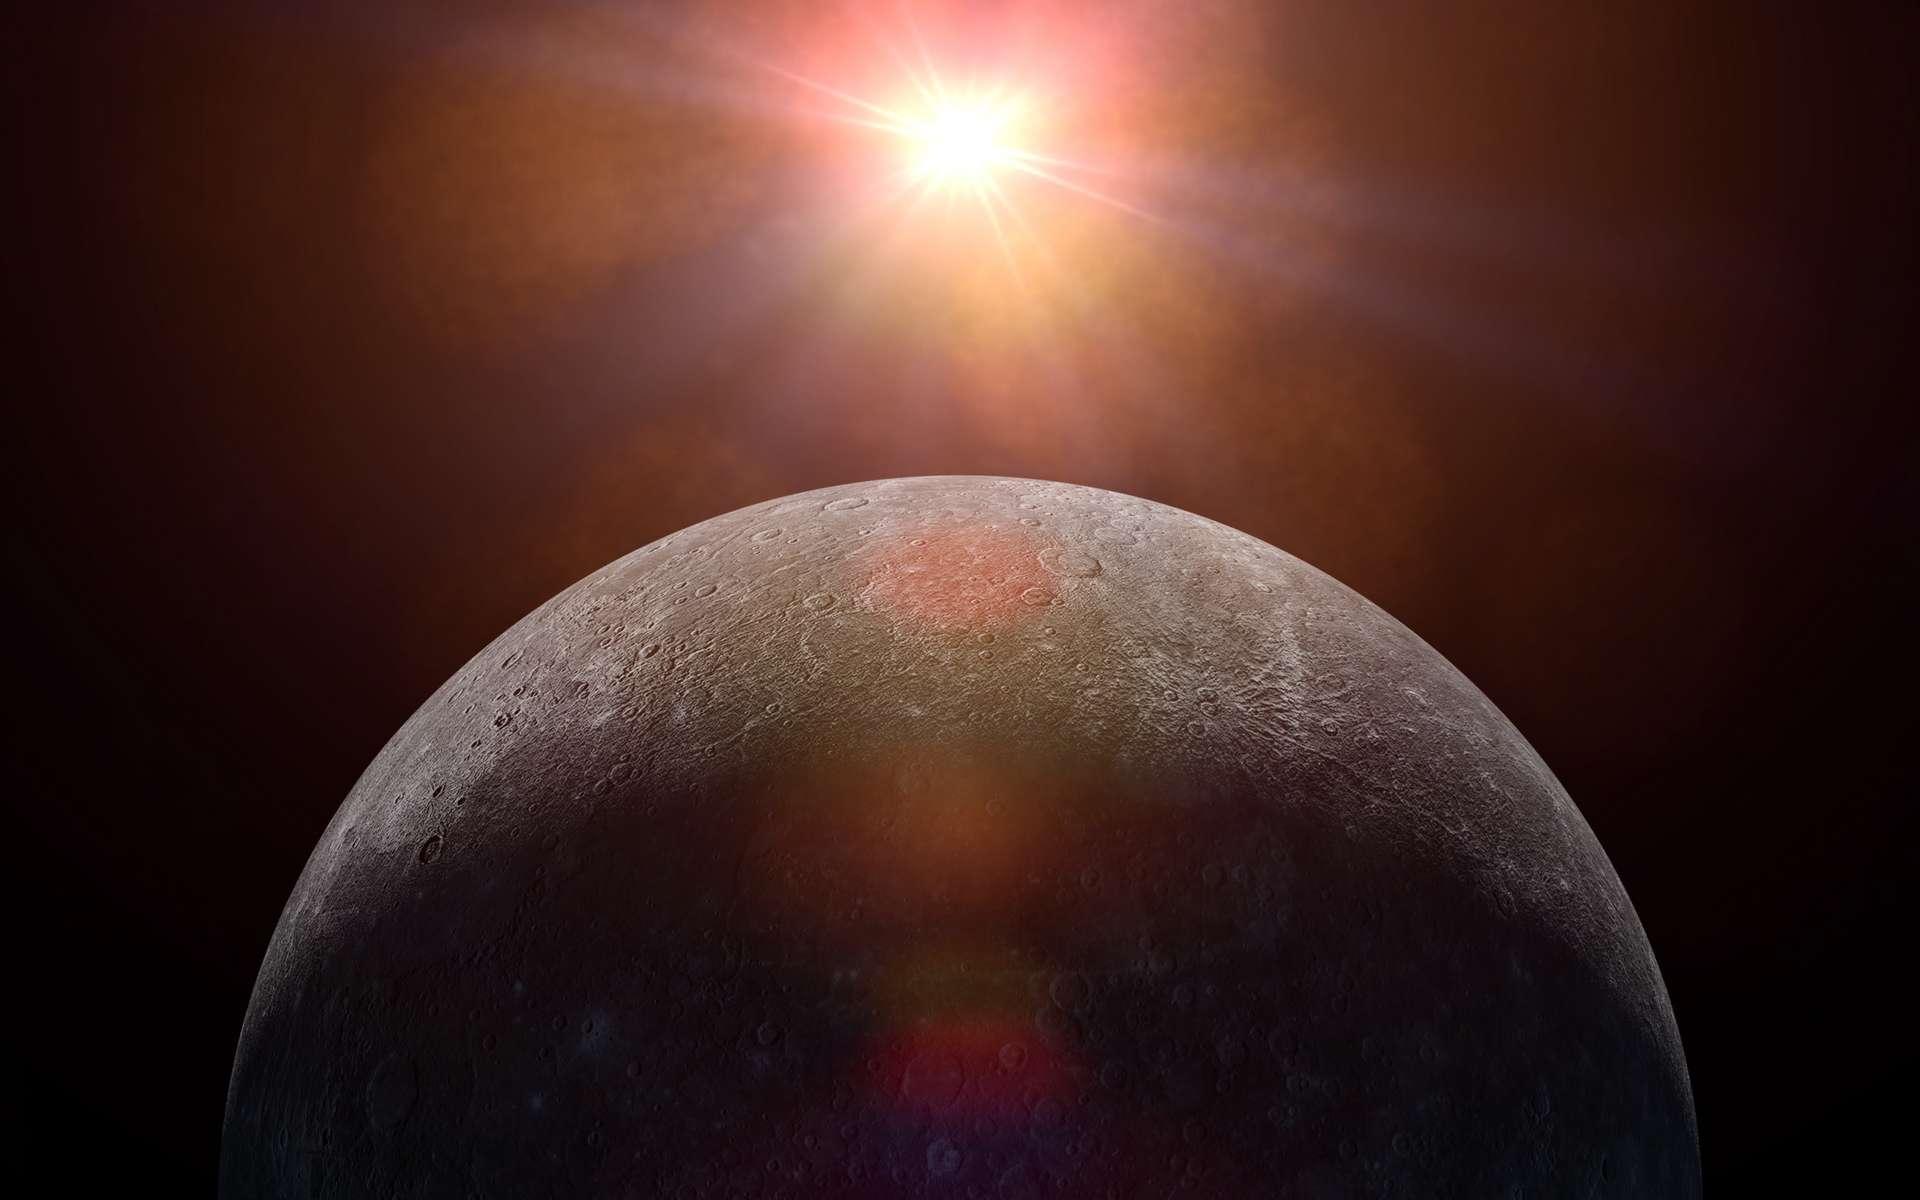 Une vue d'artiste de Mercure face au Soleil. © dottedyeti, Adobe Stock